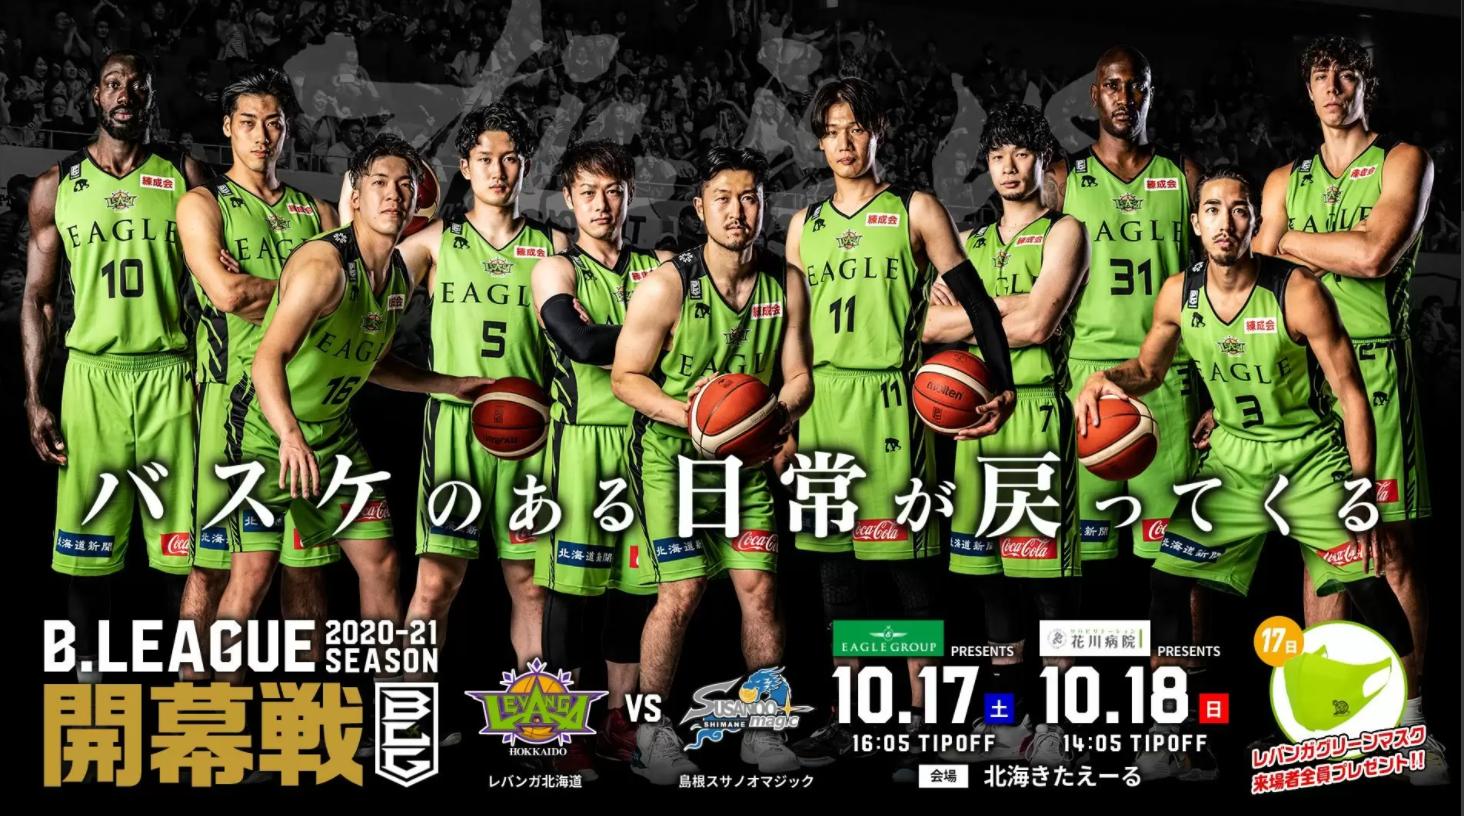 【10月3日】Bリーグ開幕きたぁぁぁ!!!!【レバンガ北海道】